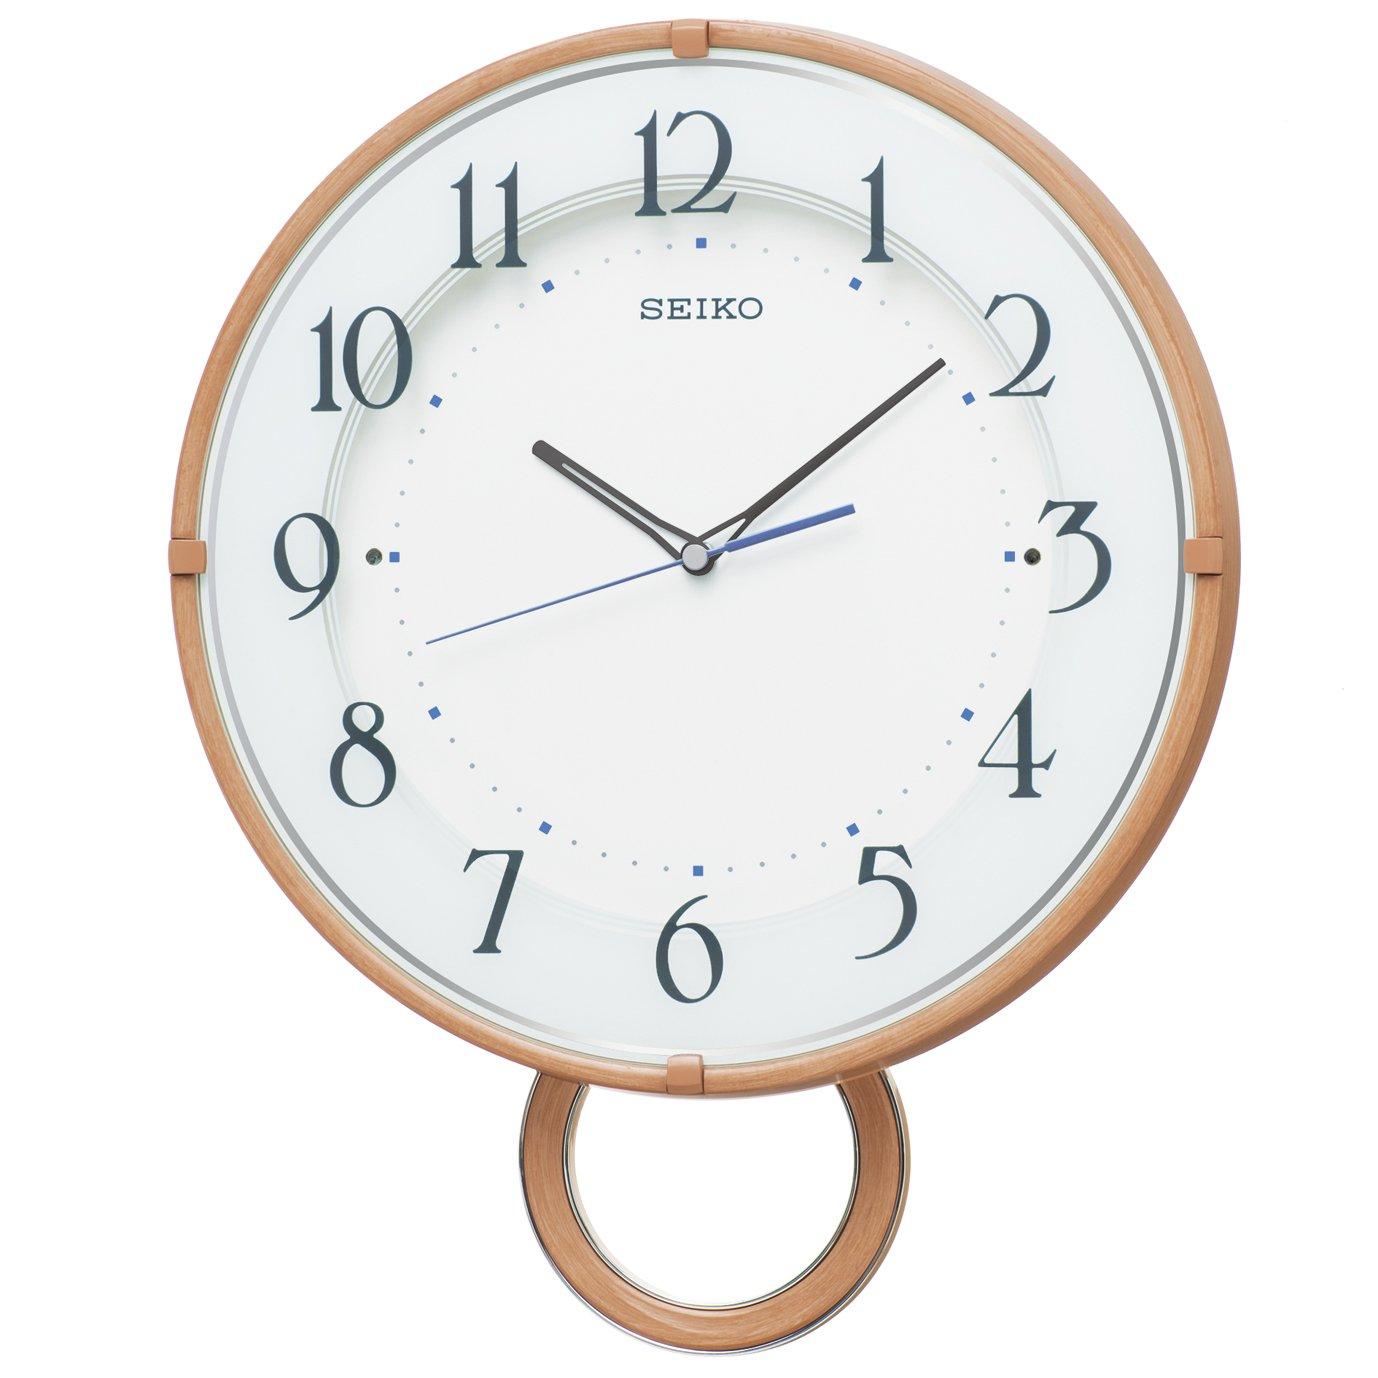 セイコー クロック 掛け時計 電波 アナログ 飾り振り子 薄茶 木目 模様 PH206A SEIKO B01B12S0P2 ブラウン ブラウン